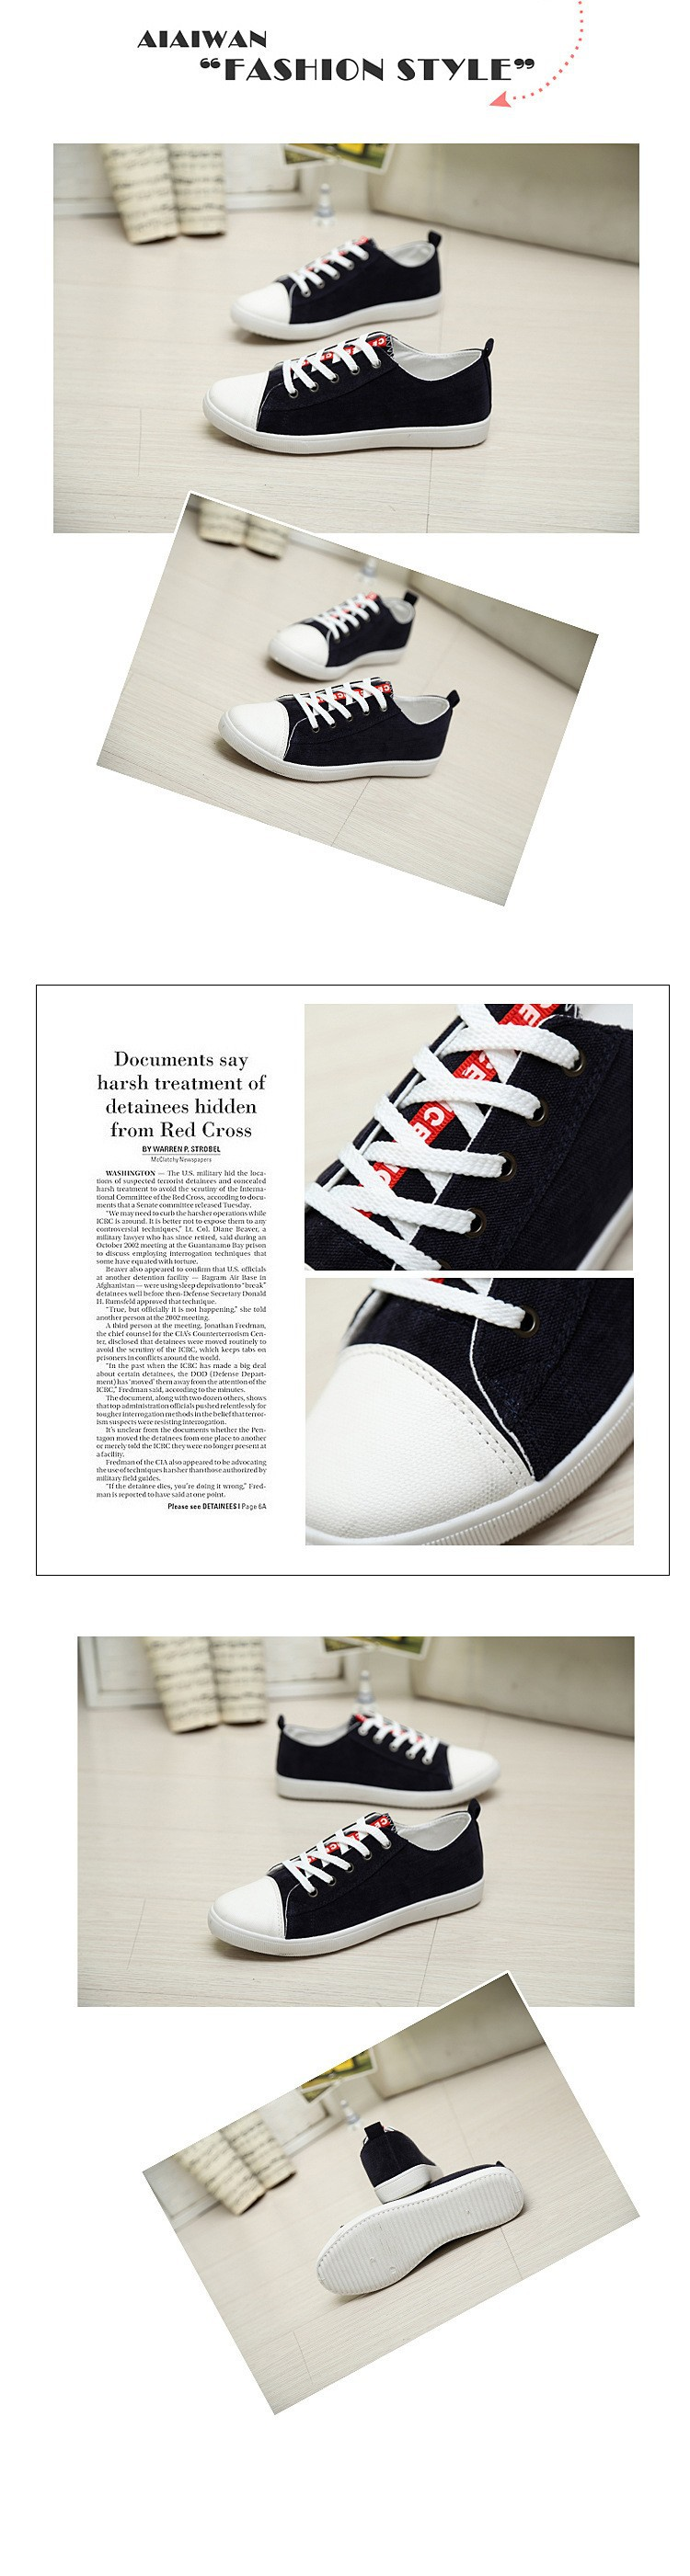 контракт джокер мода мужская обувь оптовая продажа холст туфли, досуг мягкое дно дышащий мужчины кроссовки